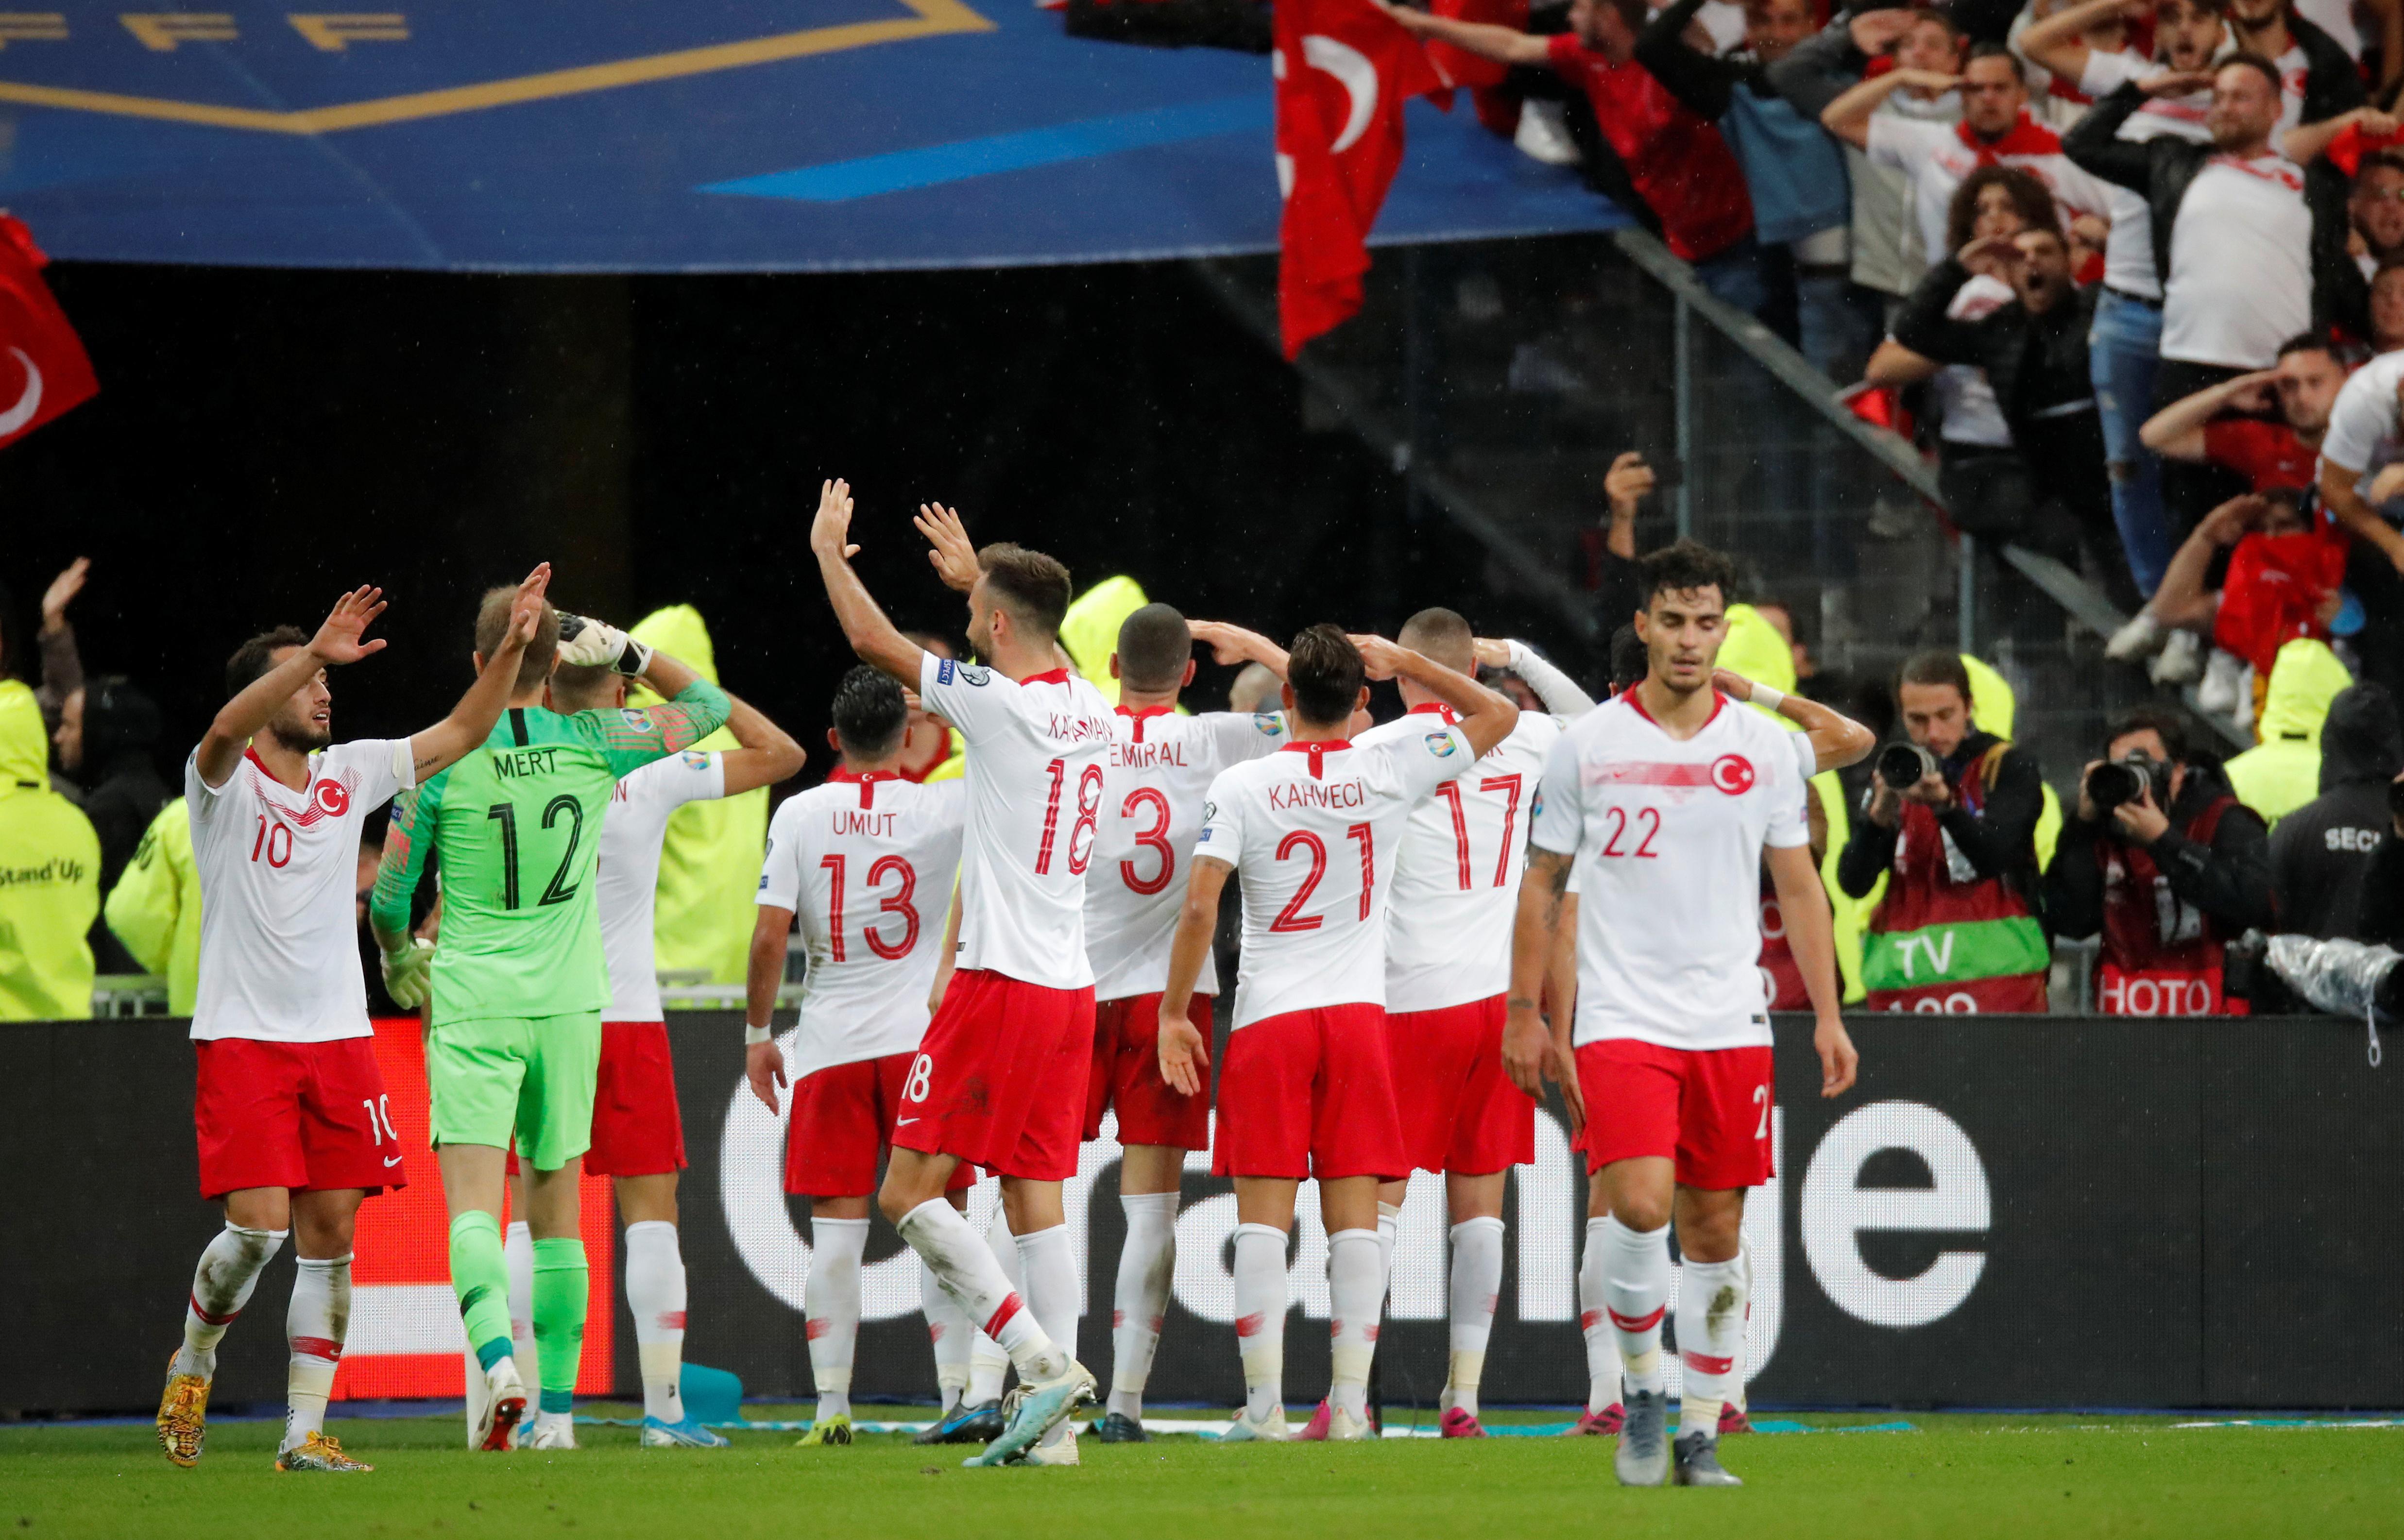 Militär-Torjubel und Rassismus: Der politische Fußball